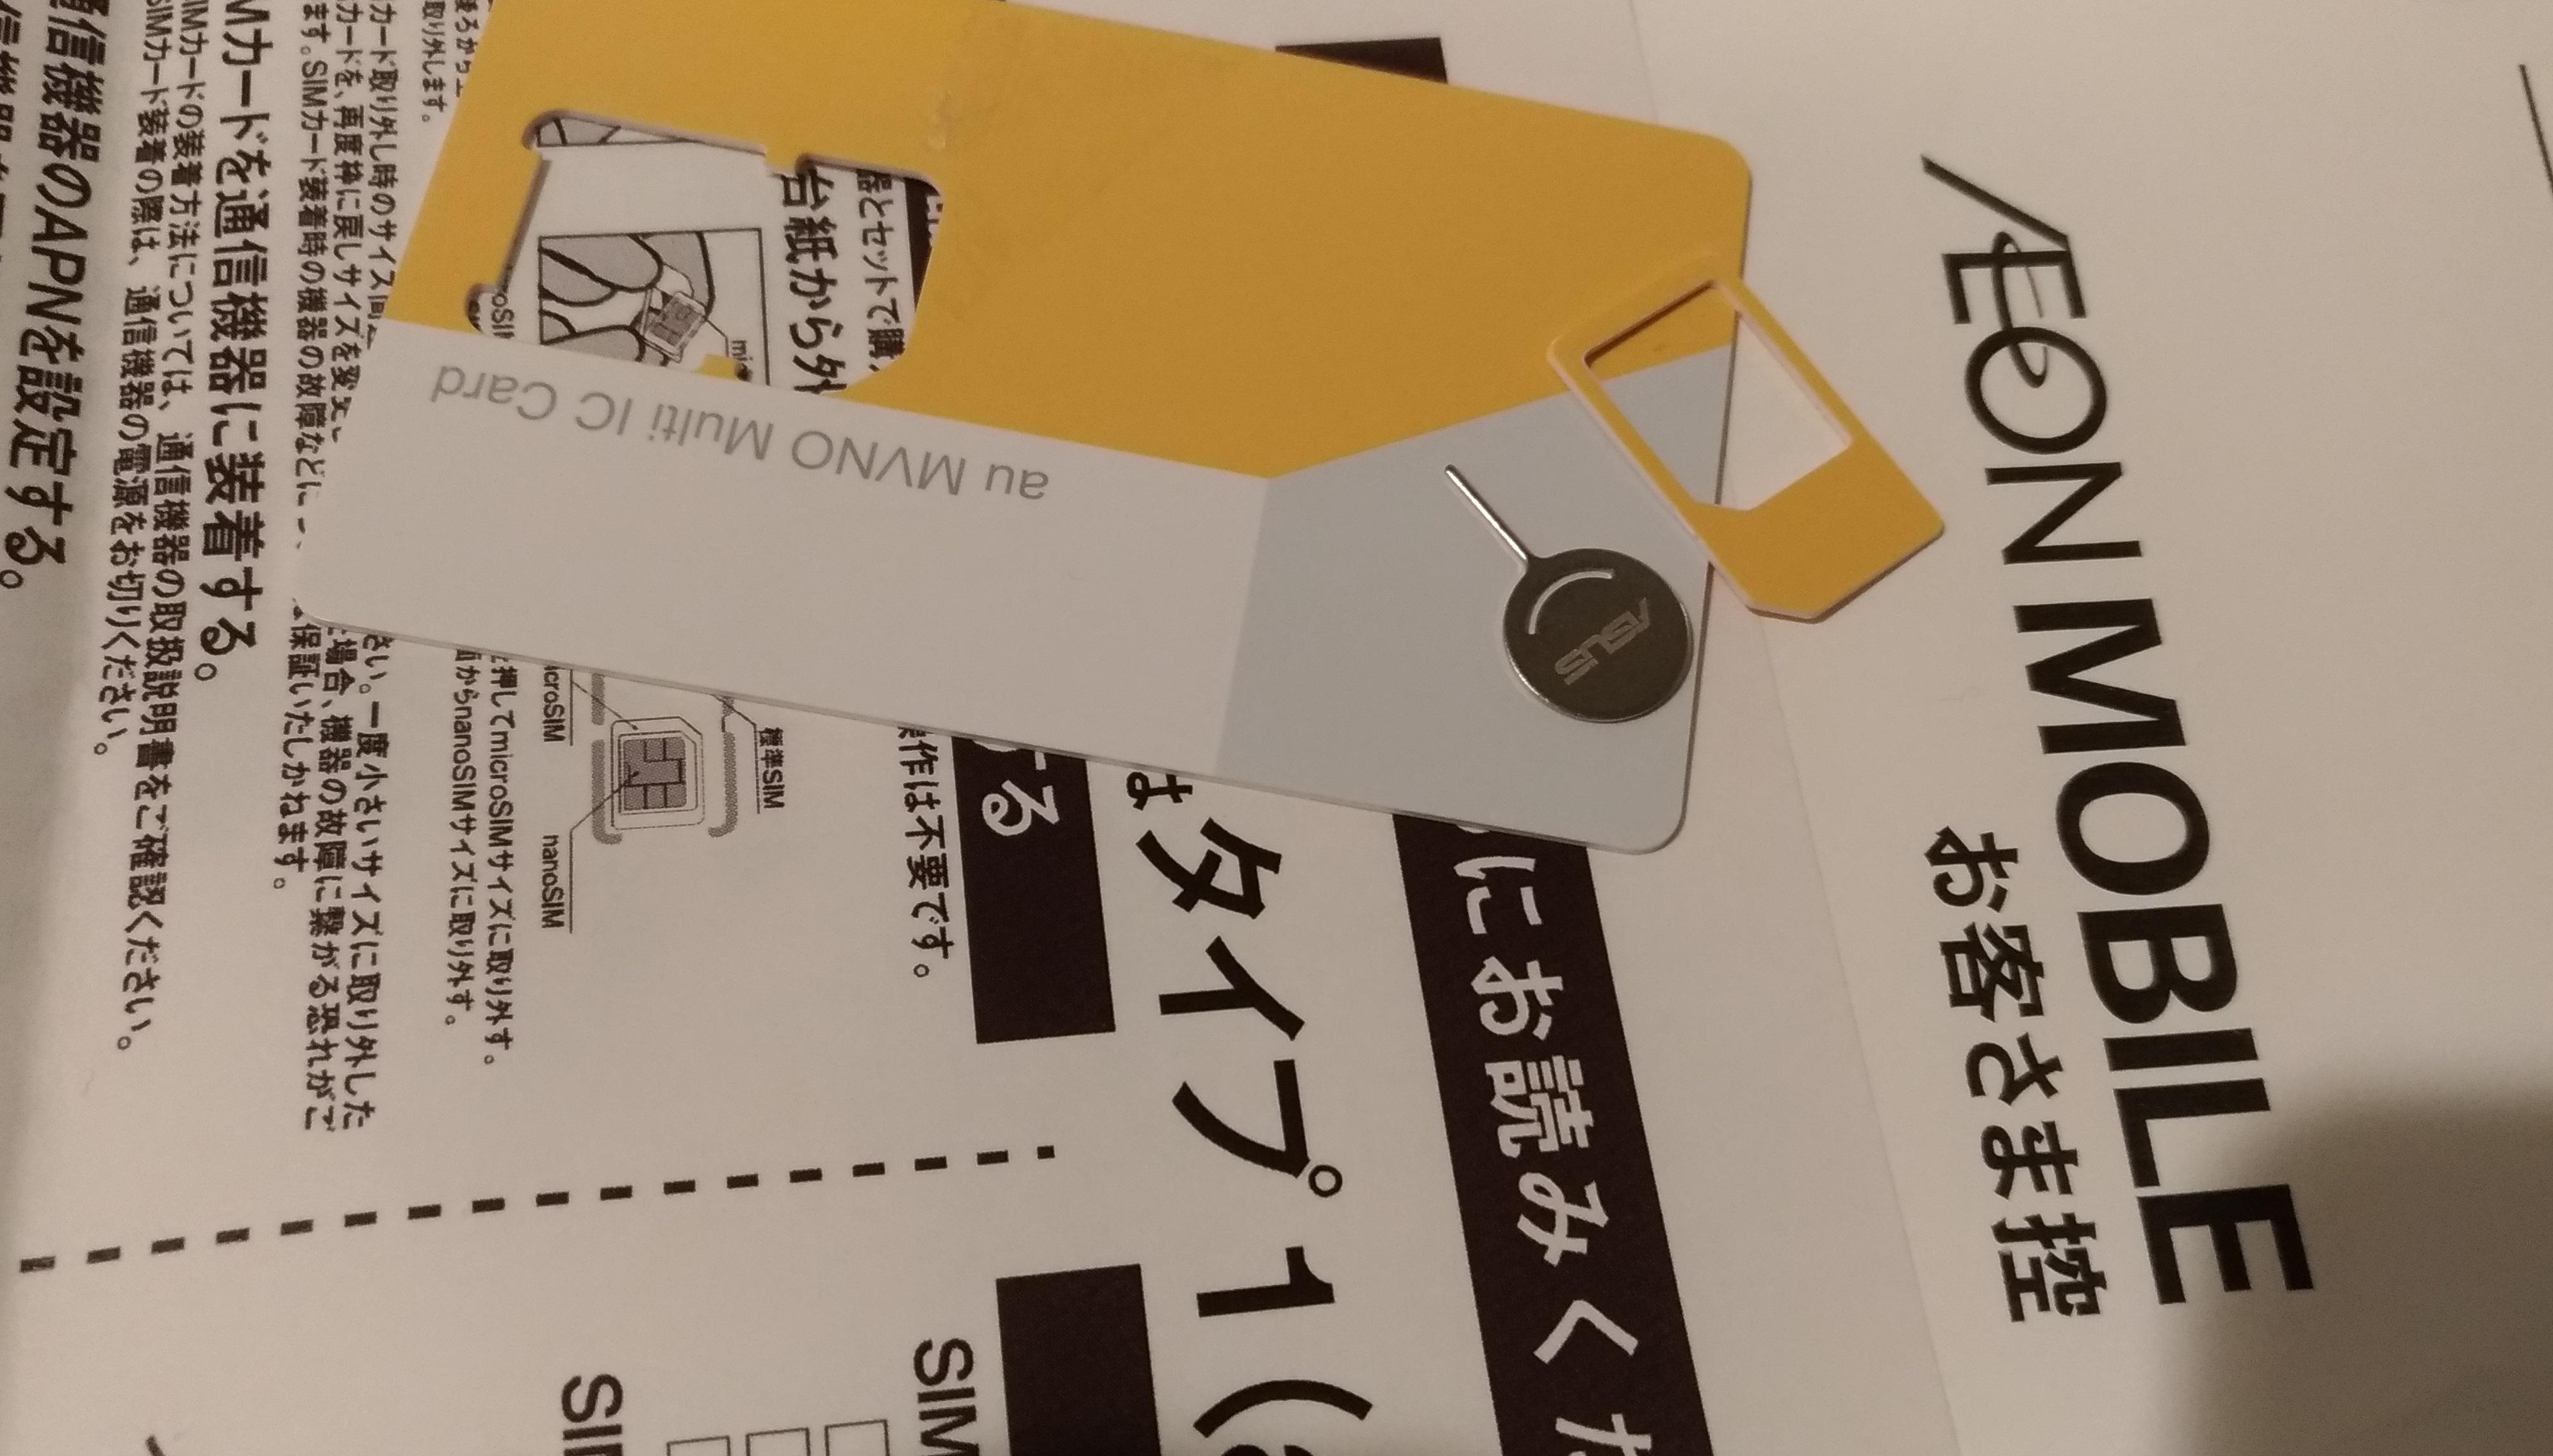 eaon_mobile_new_start201910.jpg